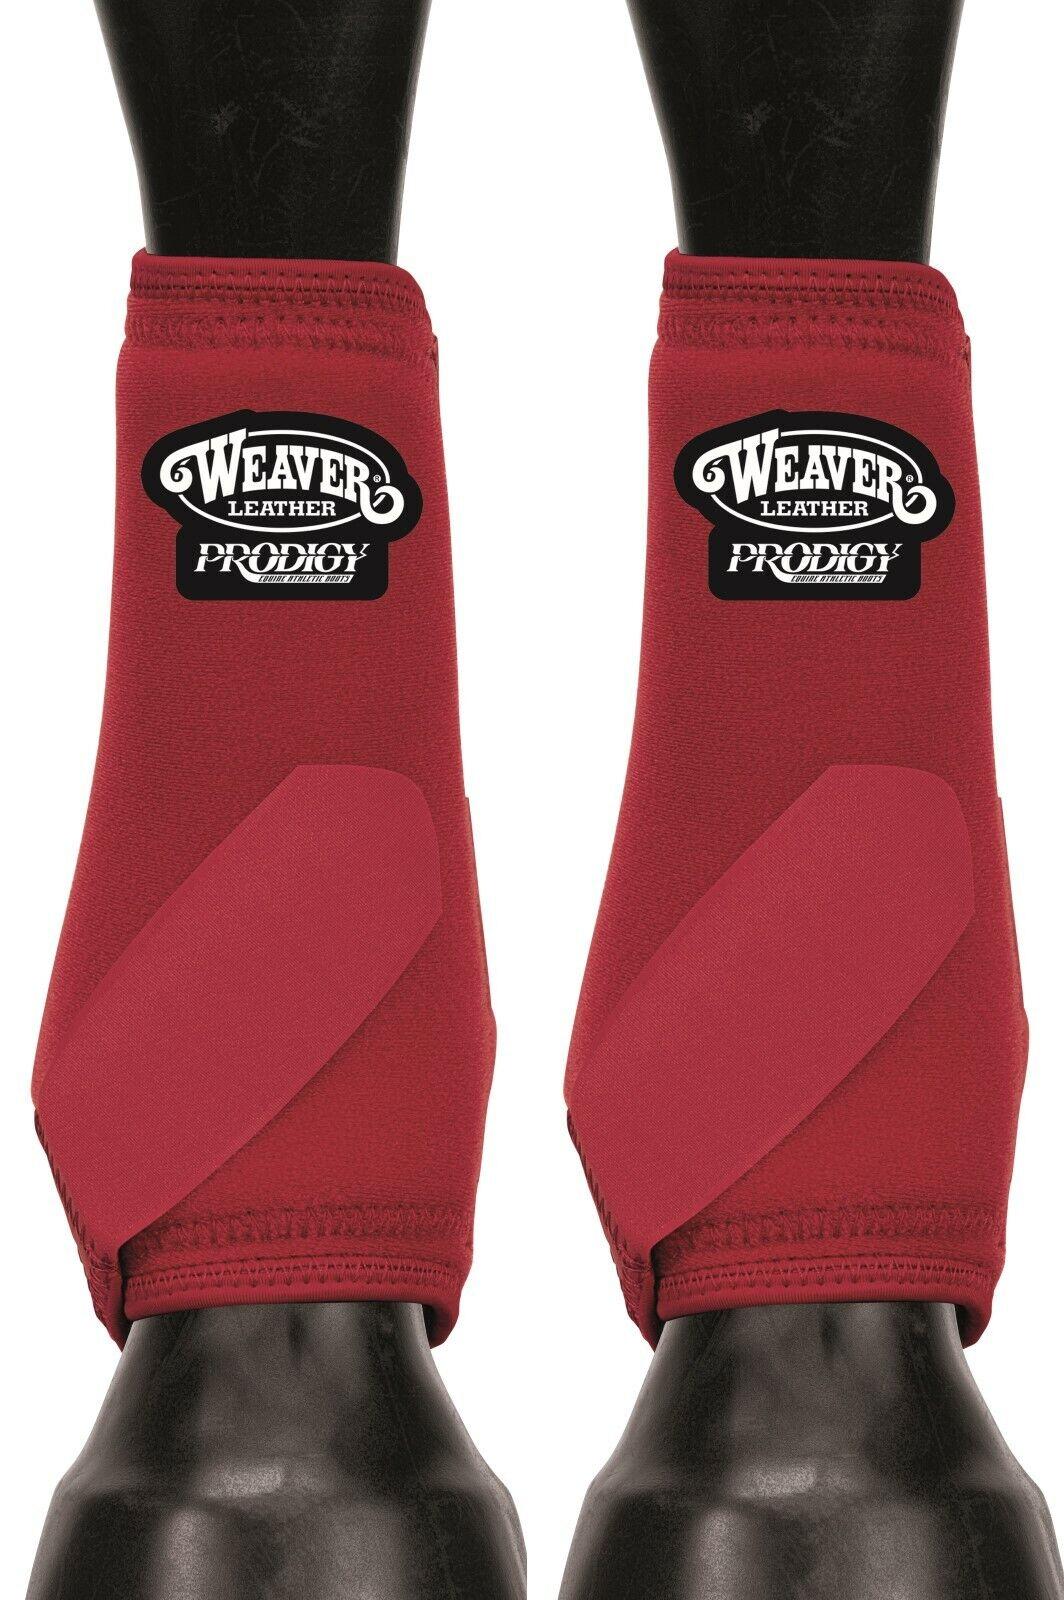 WEAVER Leather Leather Leather Equine originale bambina prodigio le prestazioni atletiche SMB Stivali 2 Pack rosso 8c8